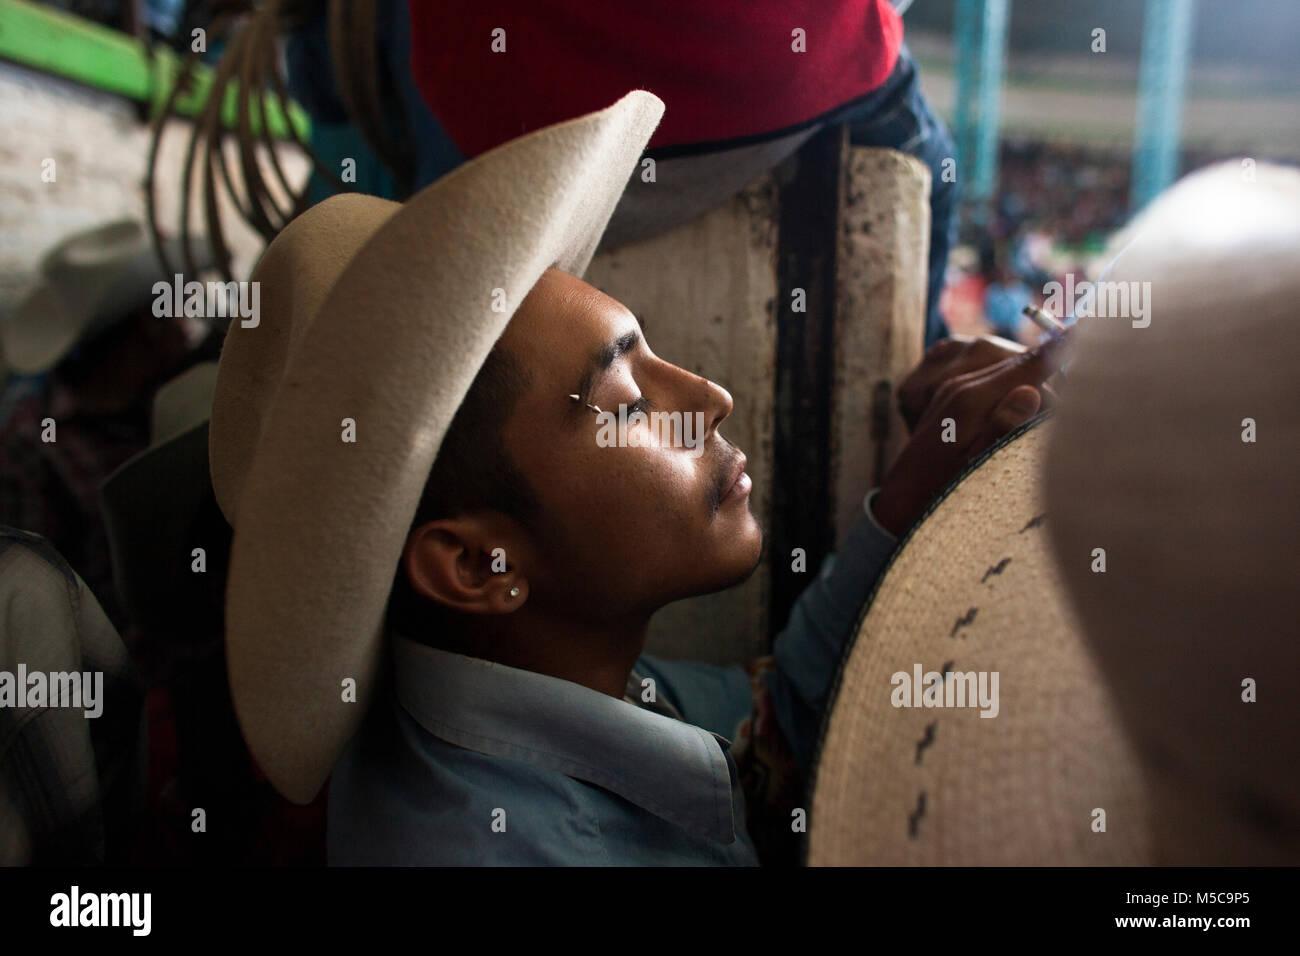 La Credenza Traduzione : La caduta fiesta rodeo in cheran michoacan messico venerdì